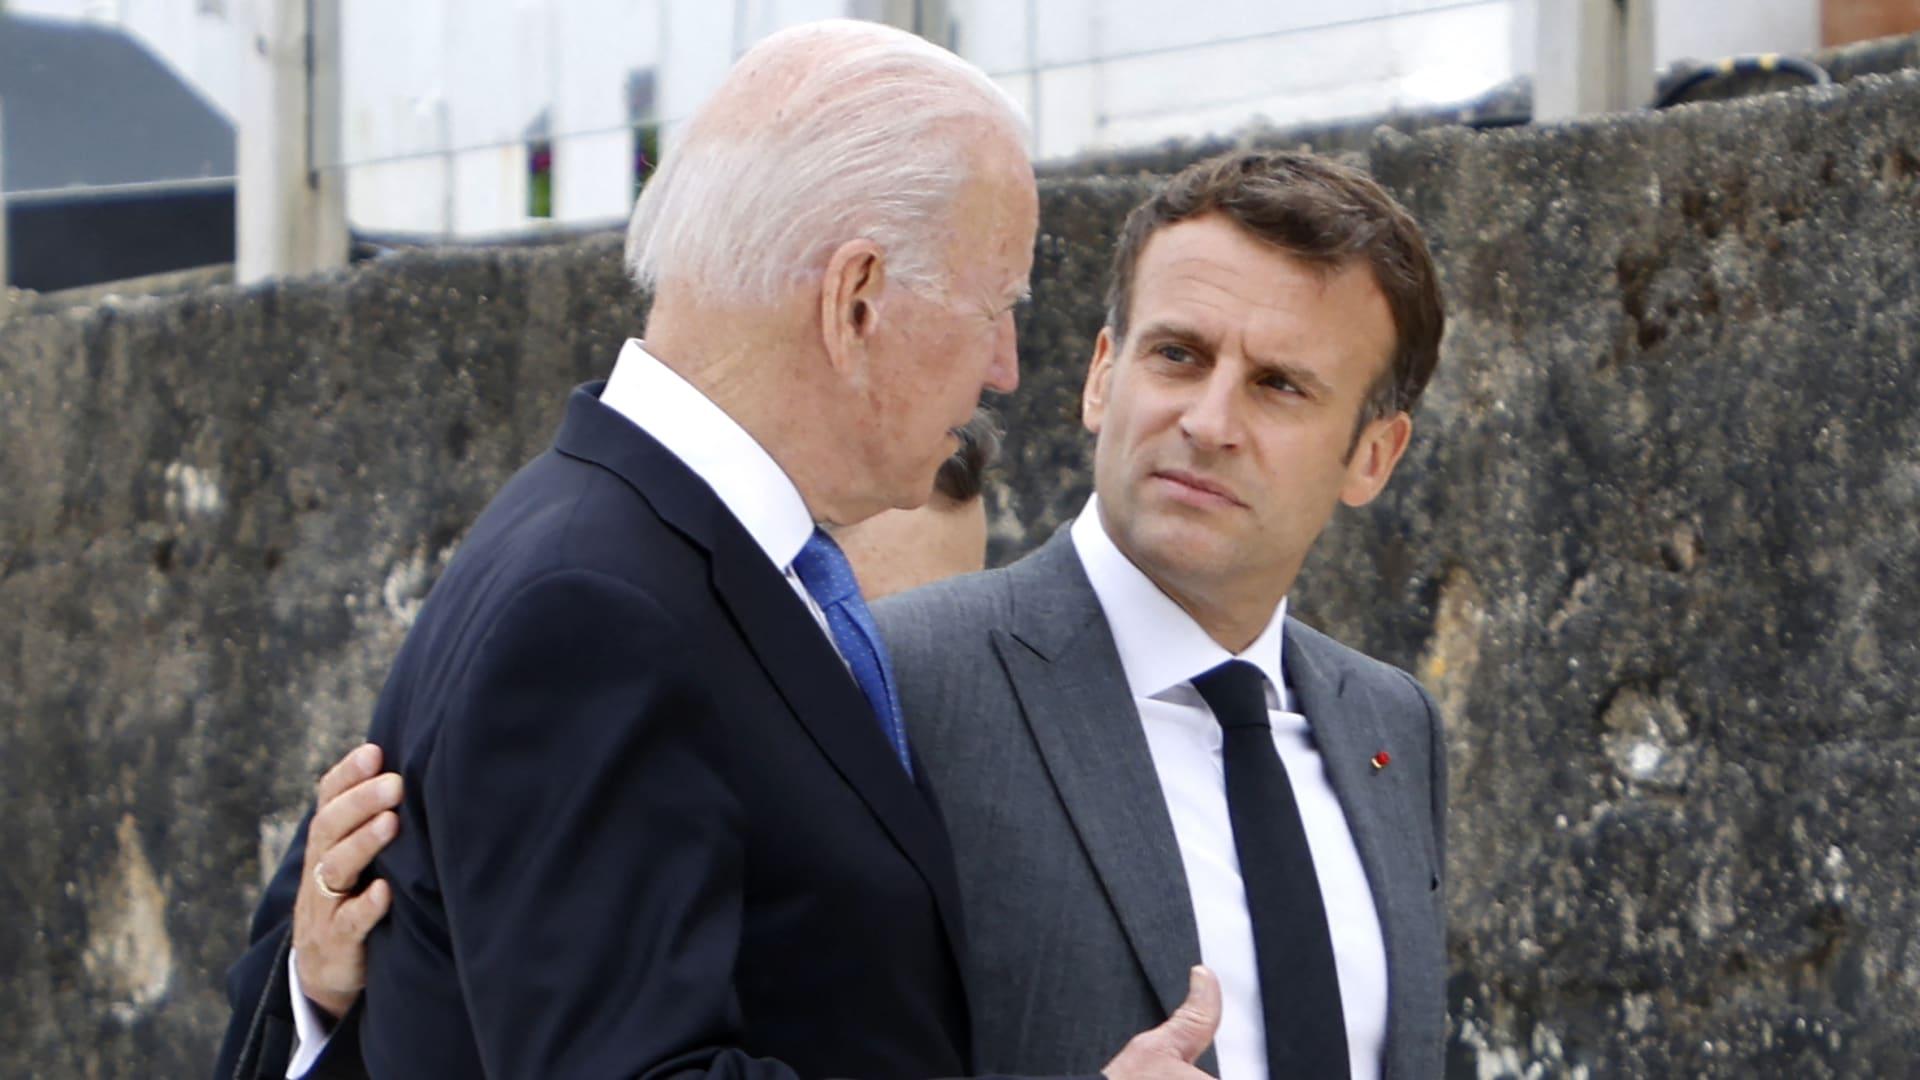 أول اتصال بين بايدن وماكرون منذ أزمة الغواصات.. البيت الأبيض يوضح ما دار بينهما